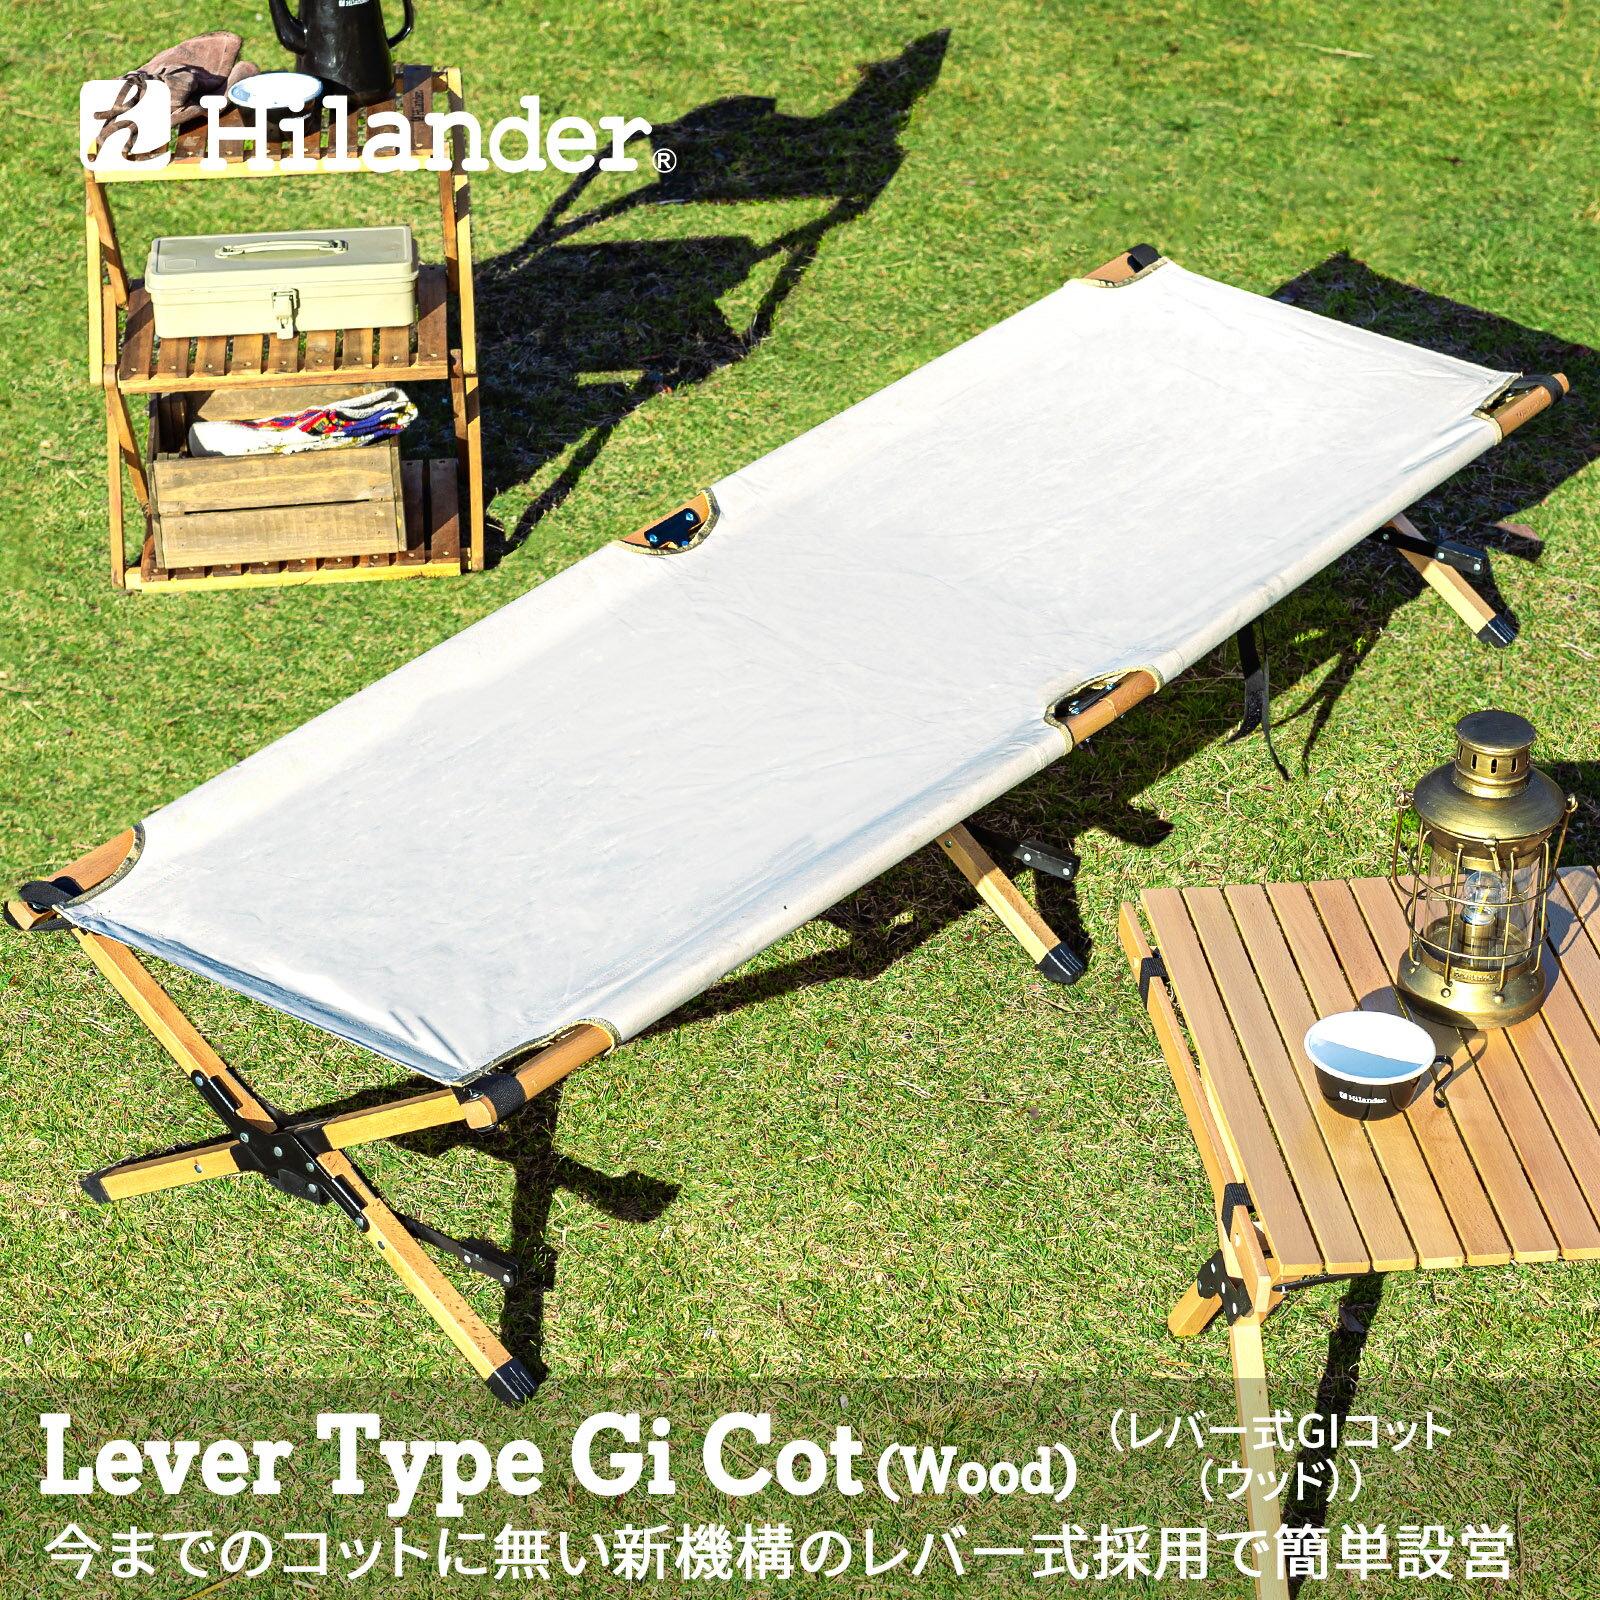 Hilander(ハイランダー) レバー式GIコット(ウッド) HCA0271